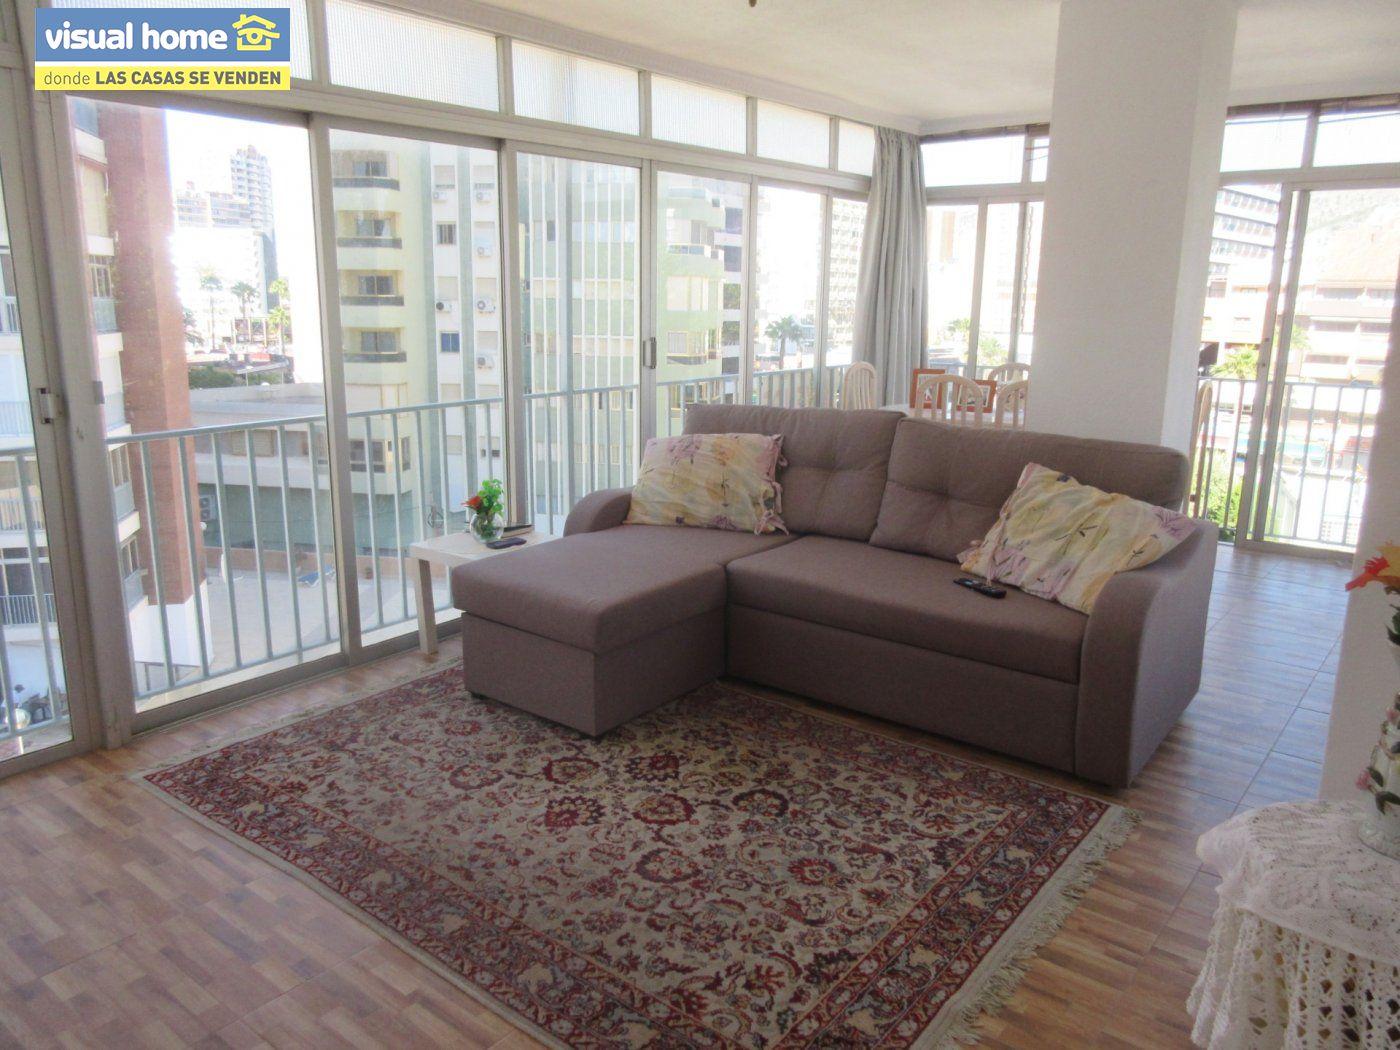 Apartamento todo exterior en Av/ Mediterráneo con garaje y piscina a 50 mts de la playa 22